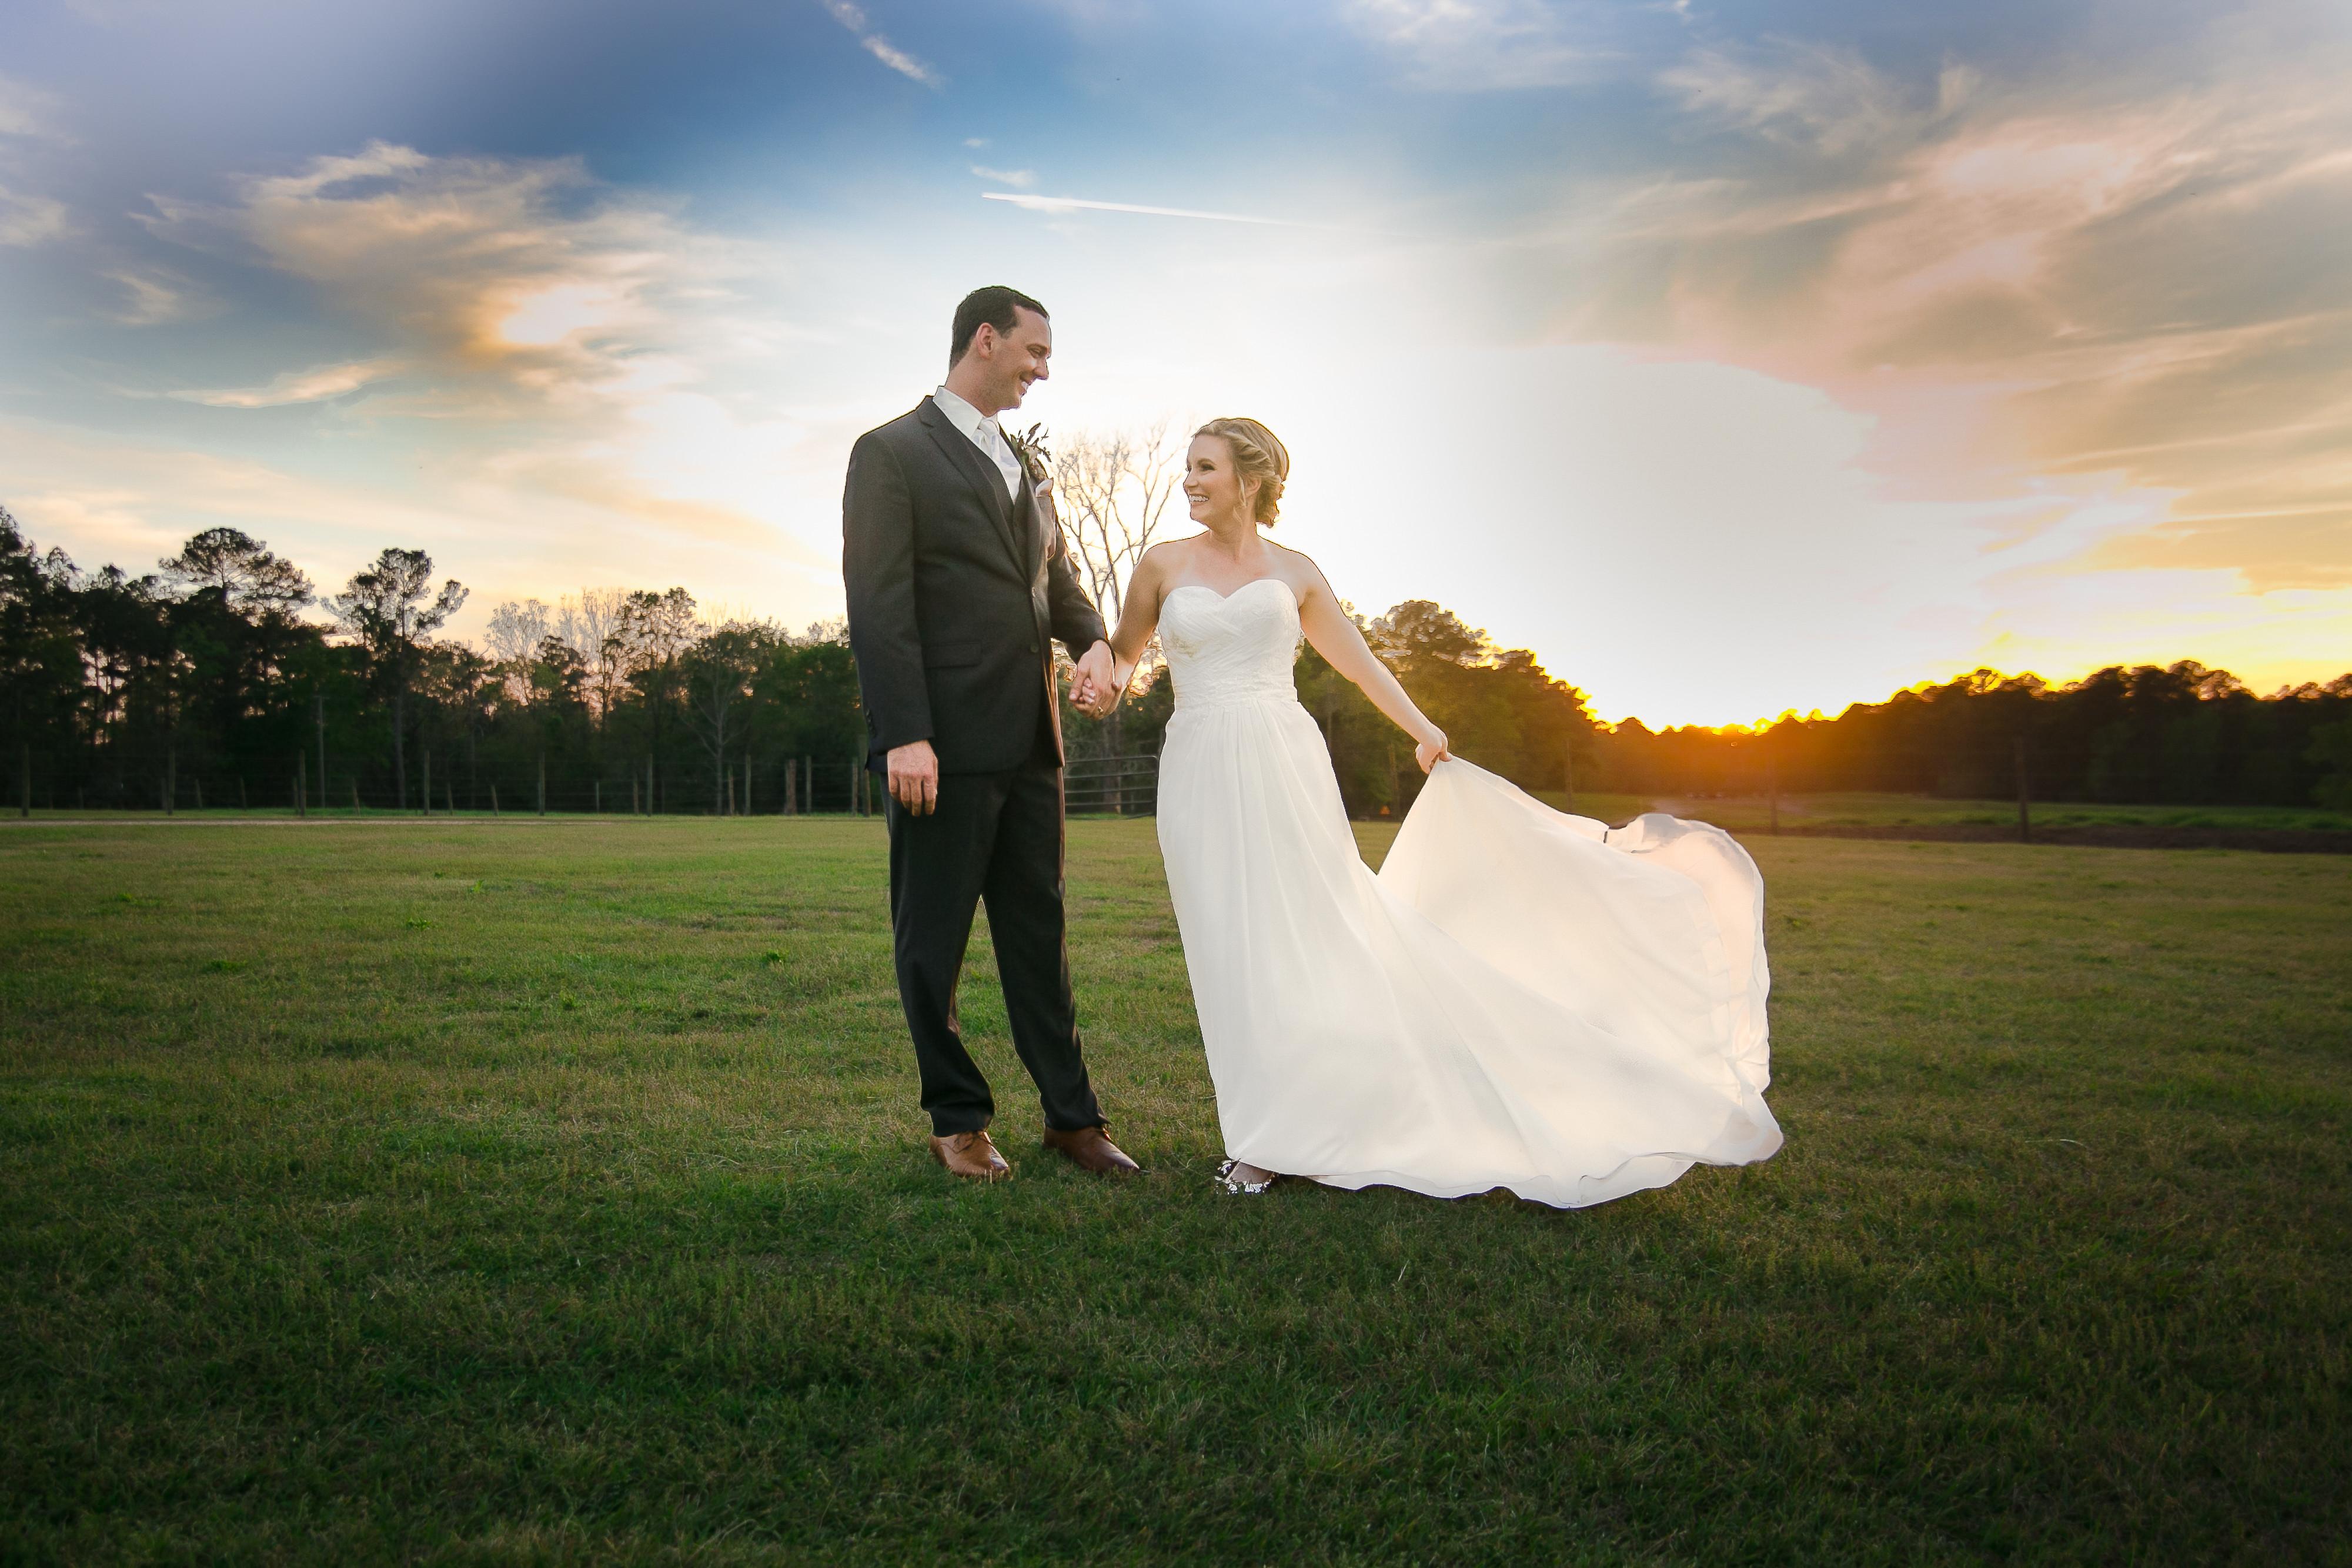 6-HR WEDDING